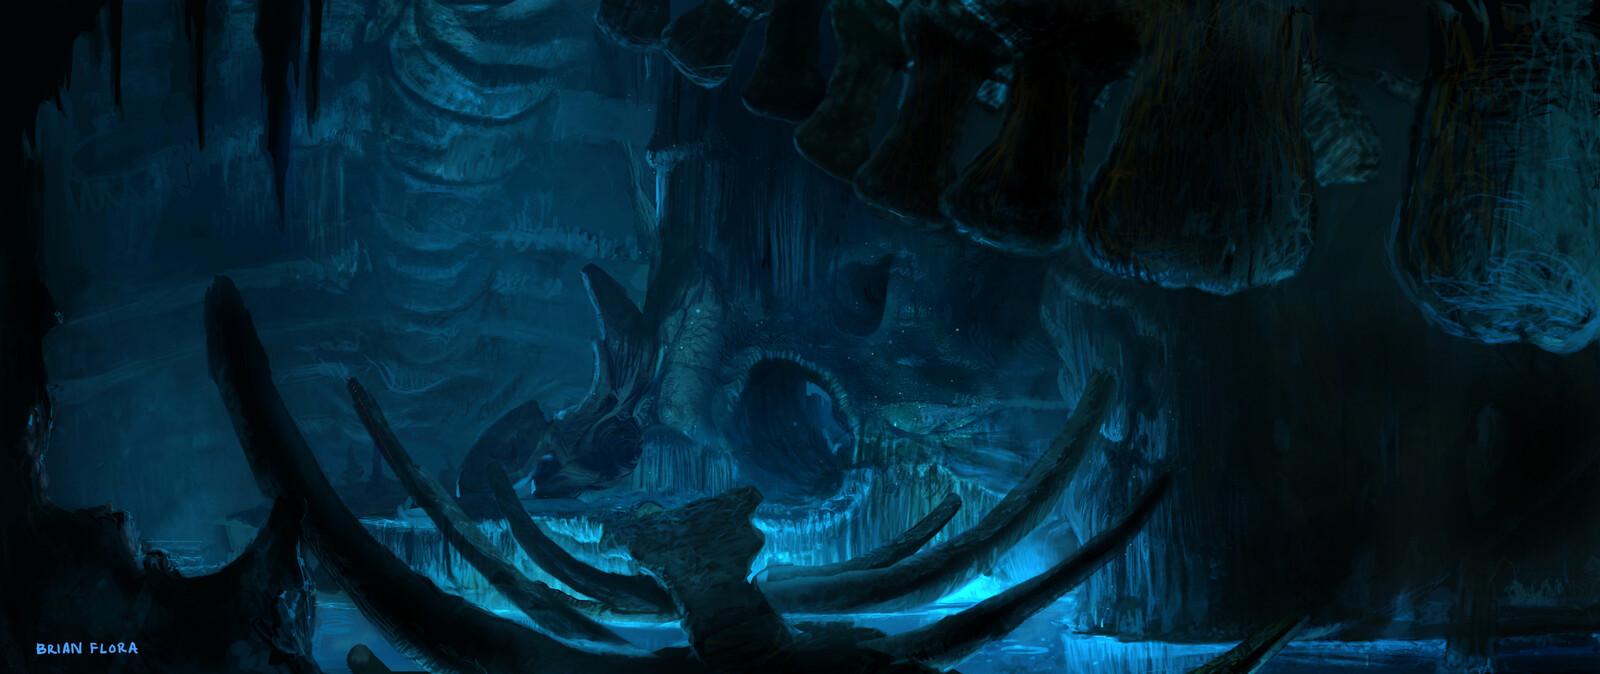 Beowulf, Grendel's Cave - Ice Blink Studio